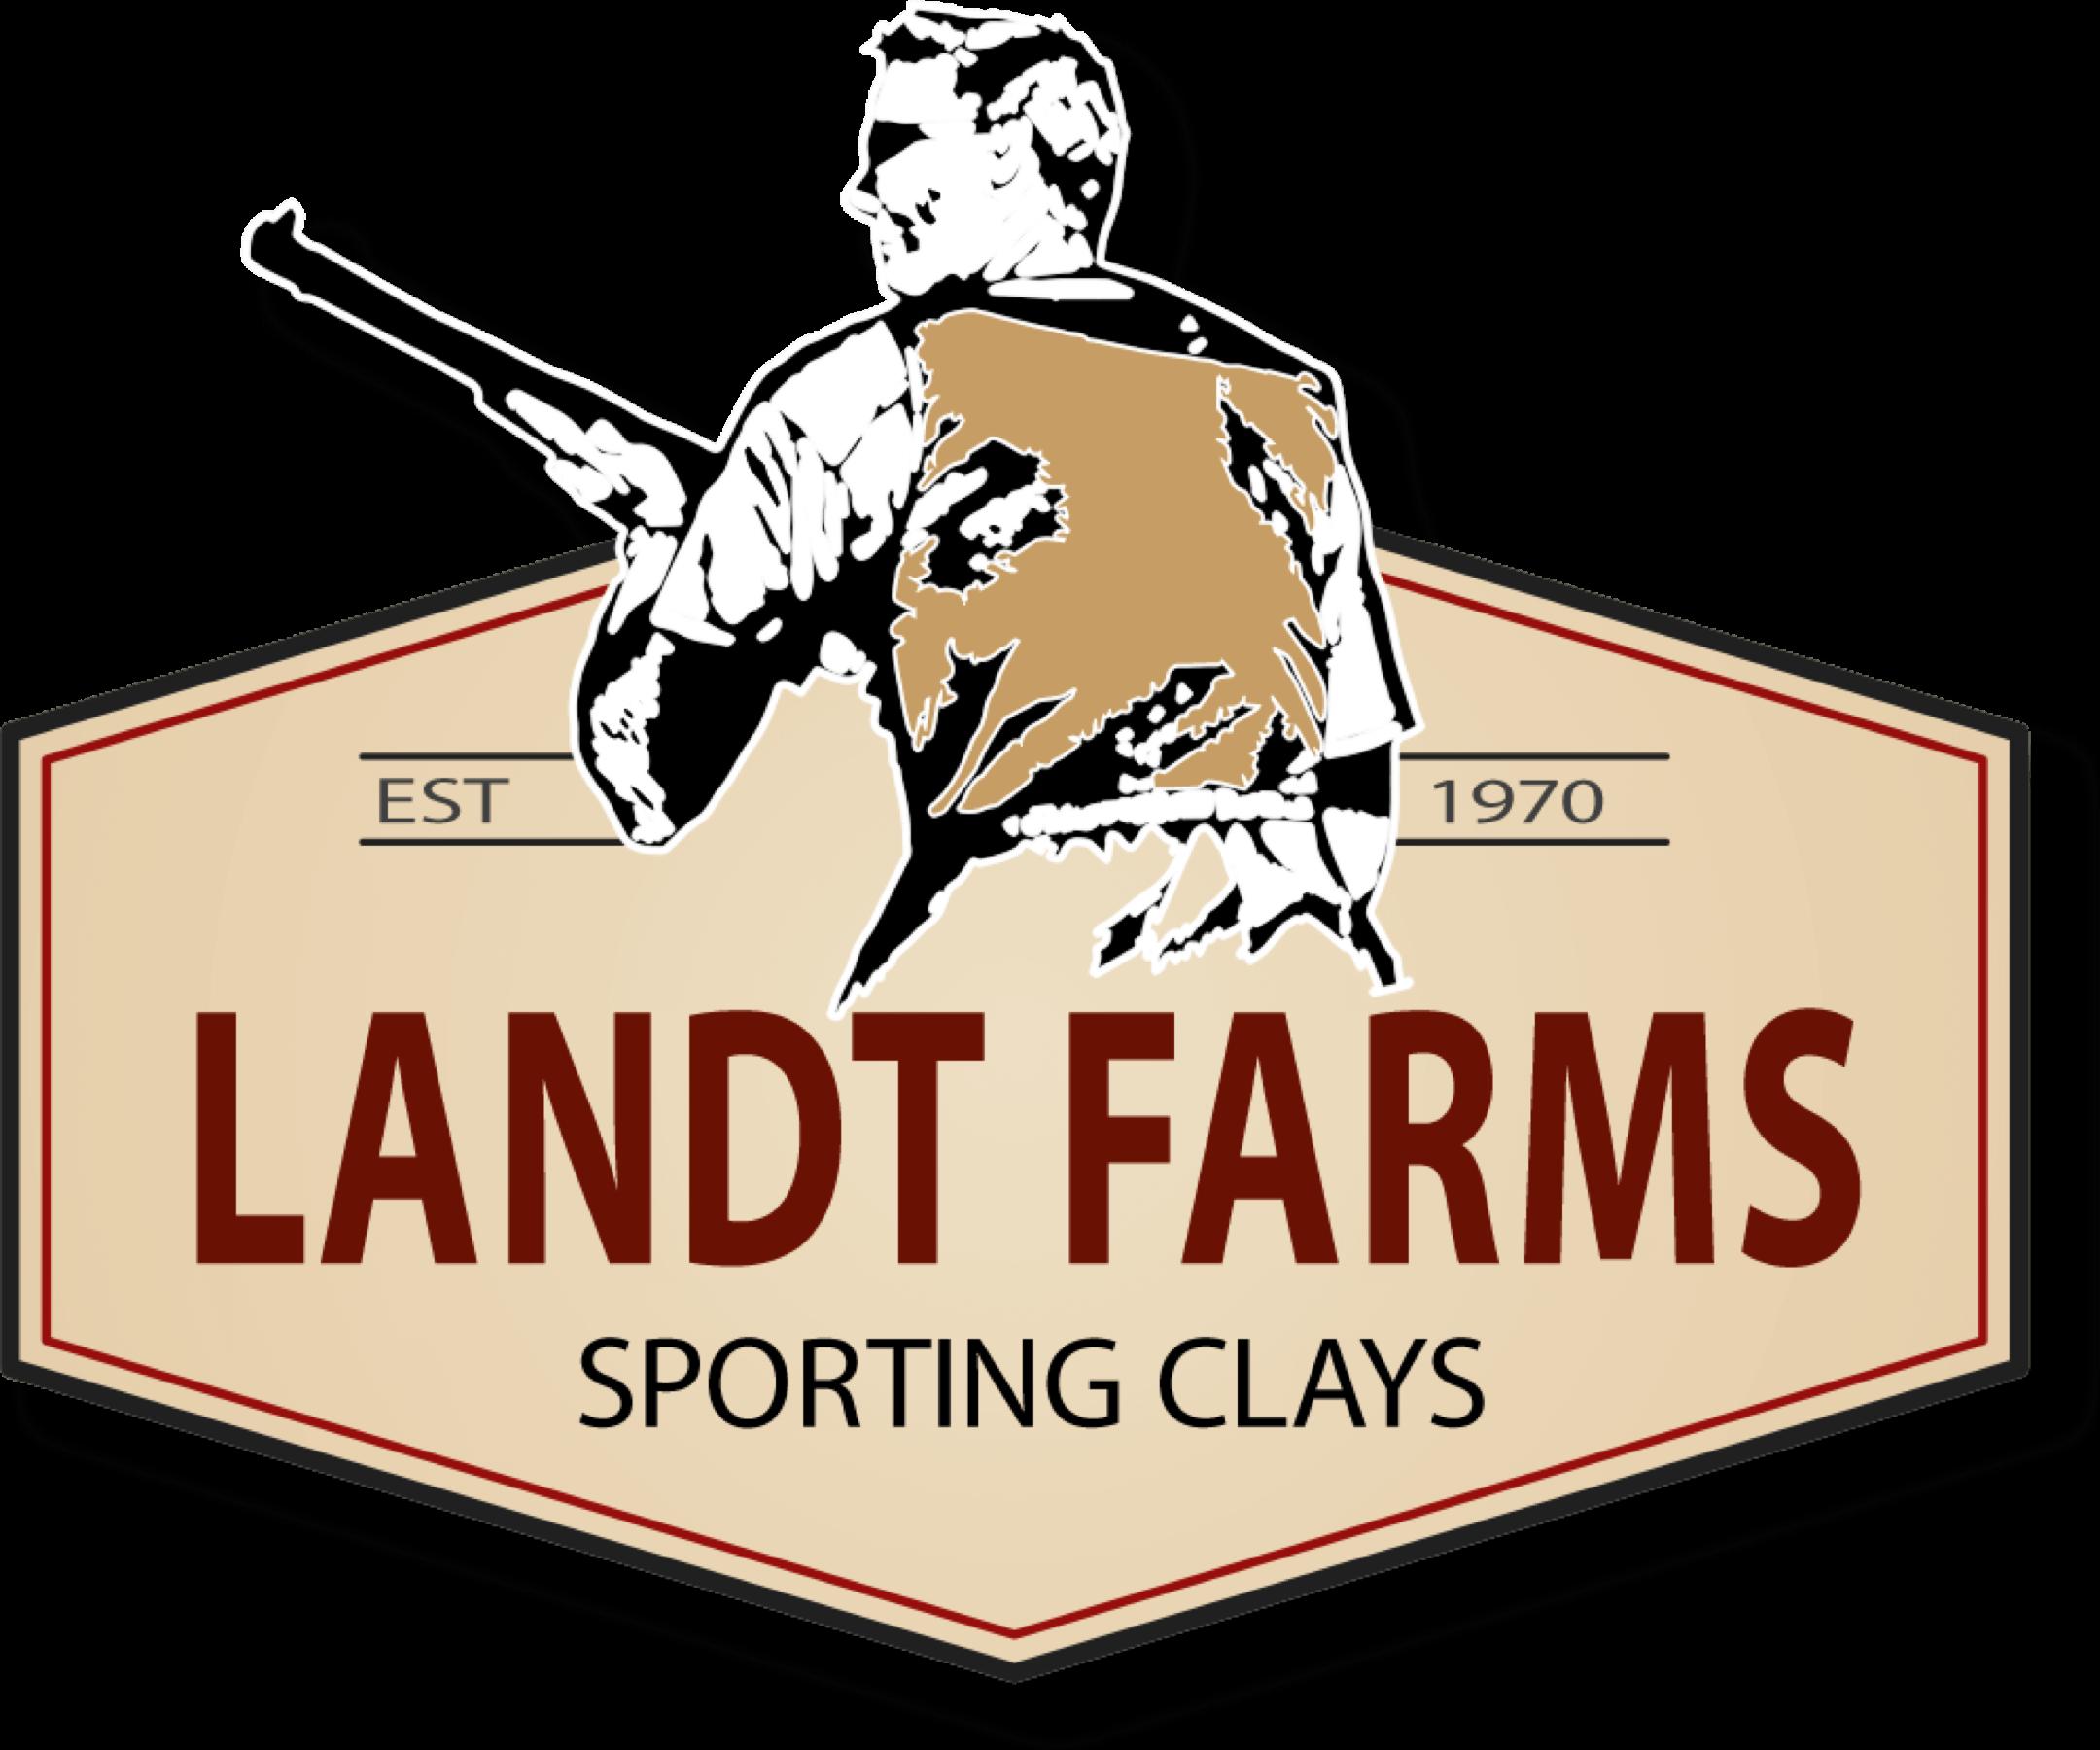 Land-Shotgun-Clay-Shooting-Course-Website-Design-Logo